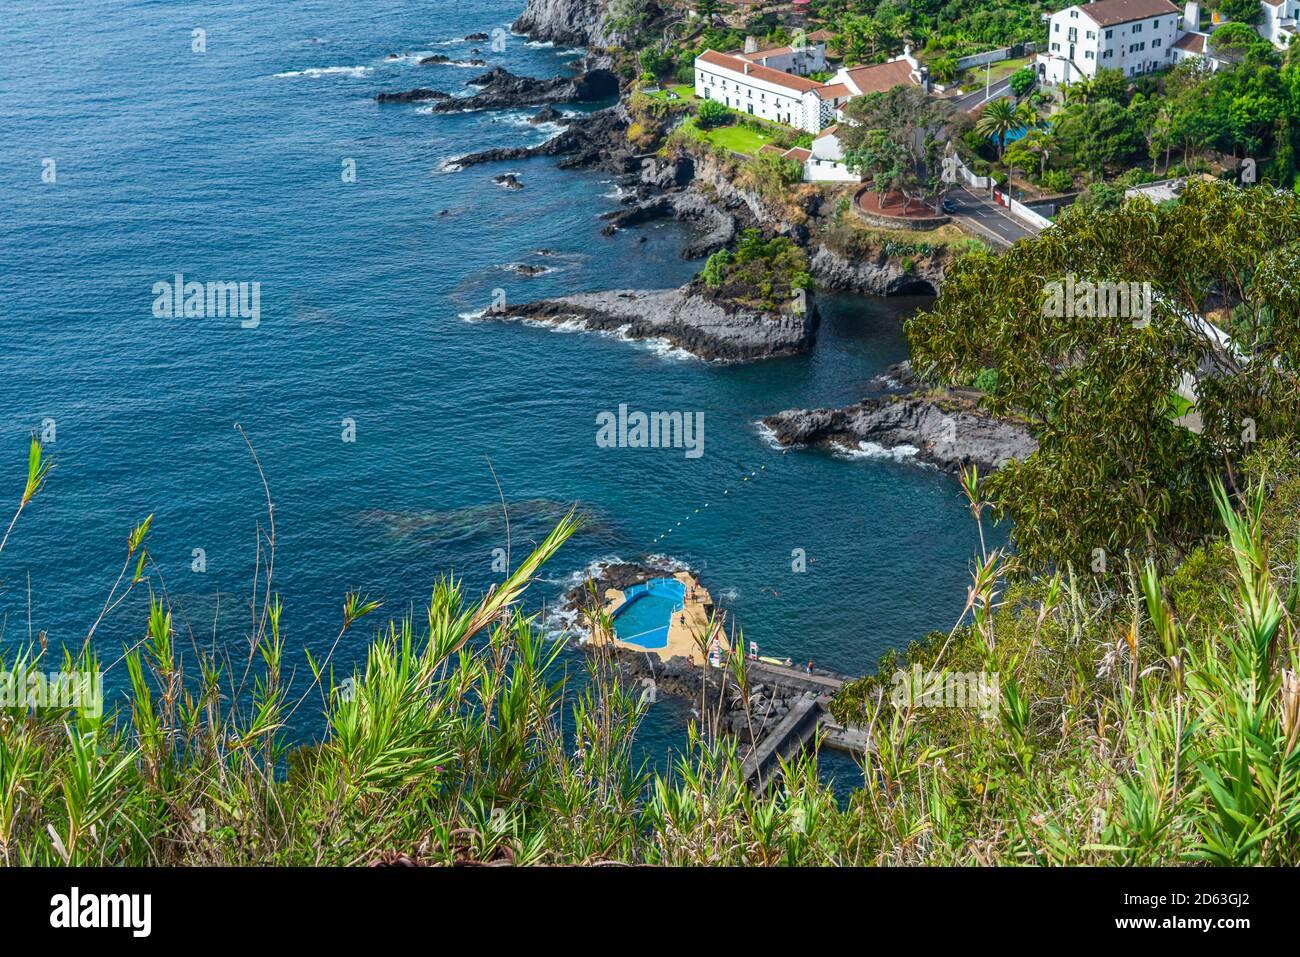 Aussichtspunkt zur Bucht von Caloura mit dem natürlichen Pool auf der Insel Sao Miguel, Azoren Stockfoto